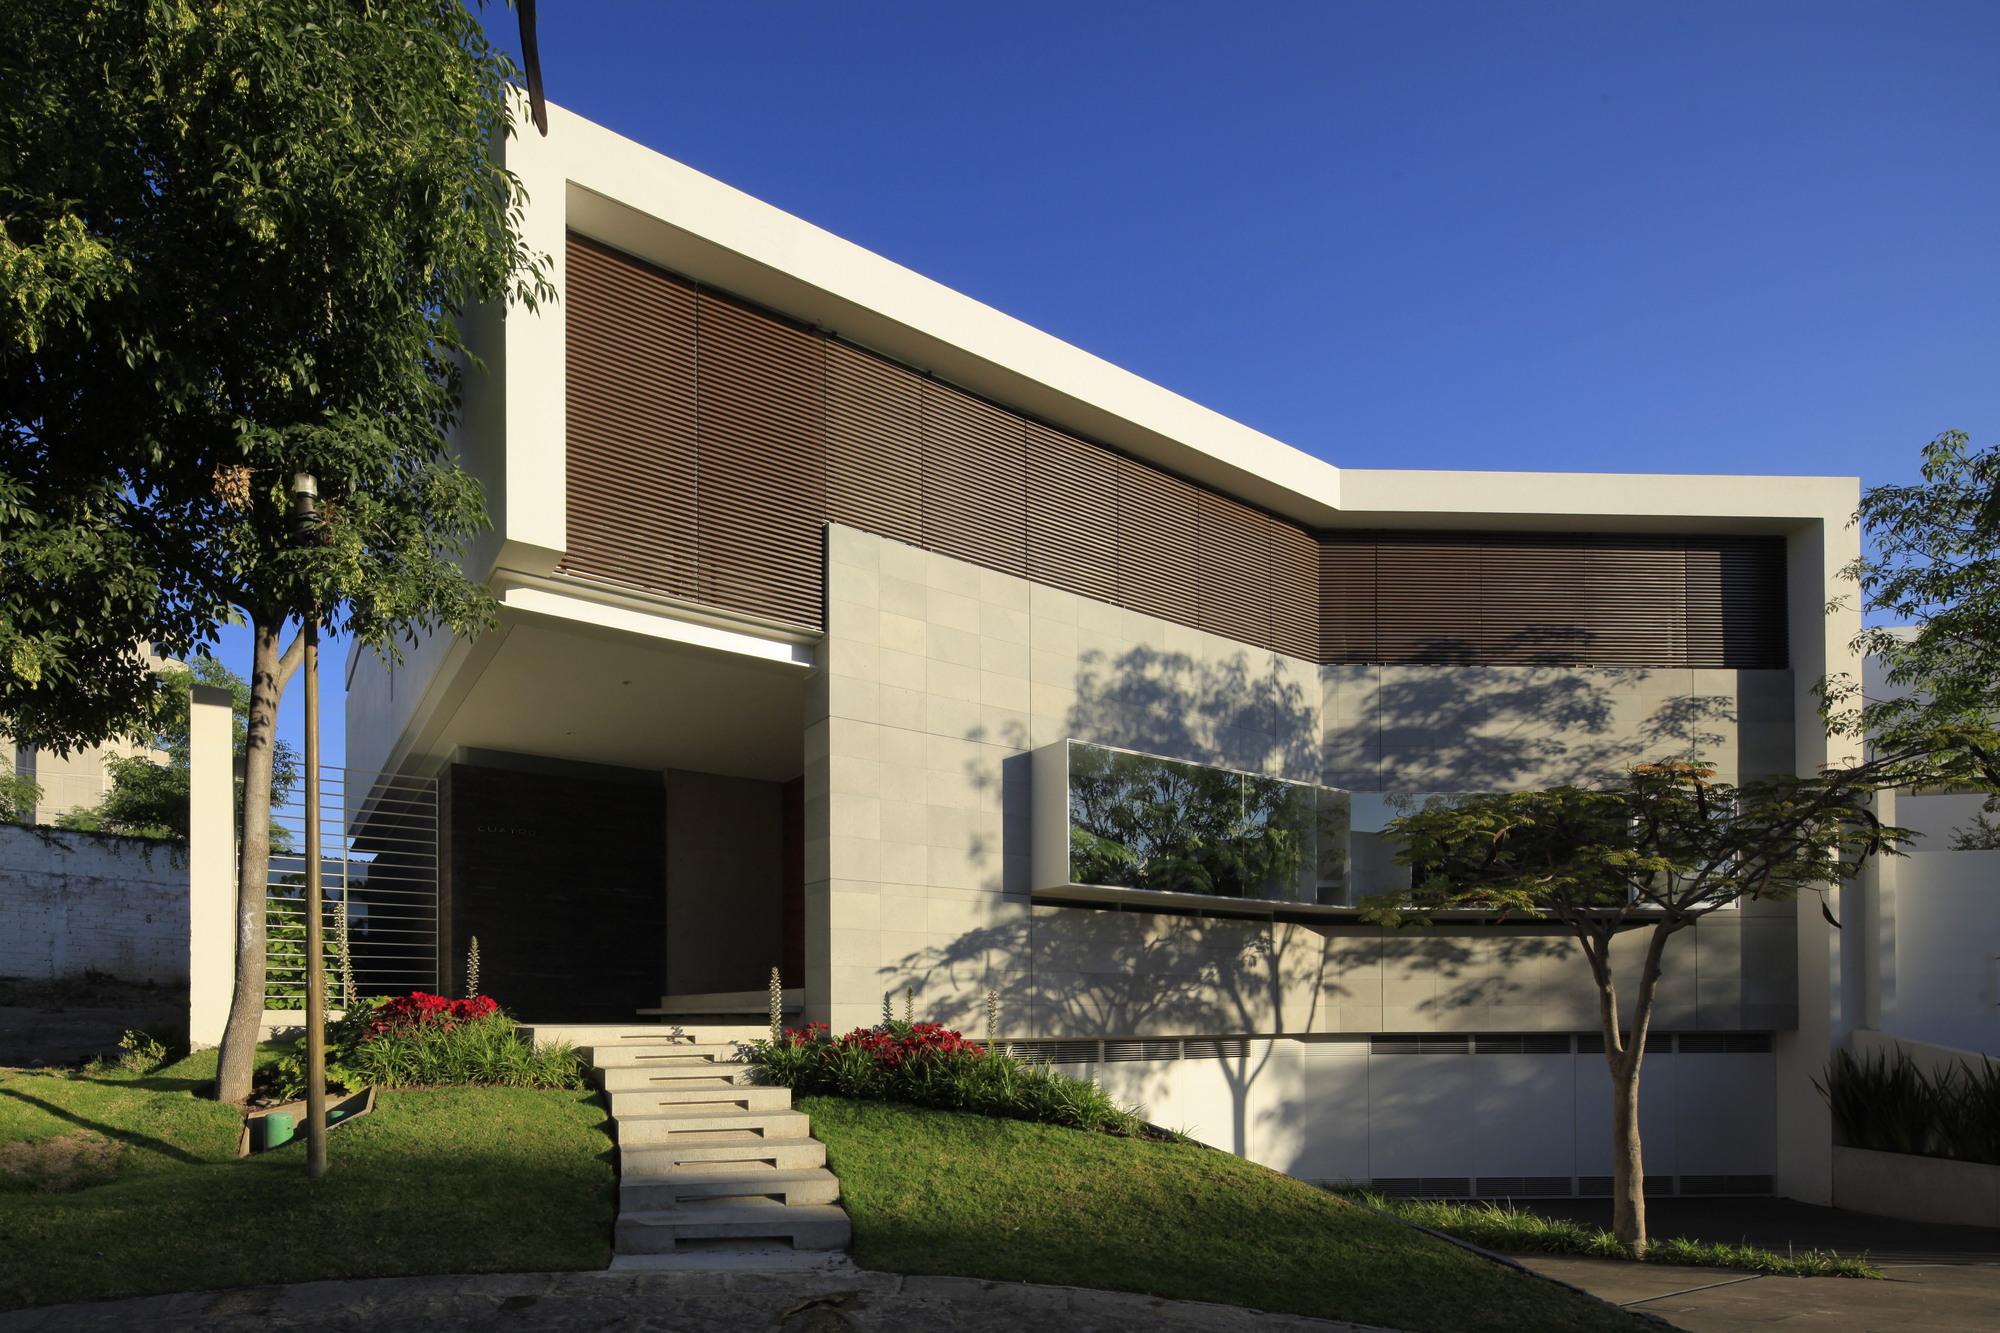 Casa Cuatro / Hernández Silva Arquitectos, © Carlos Díaz Corona